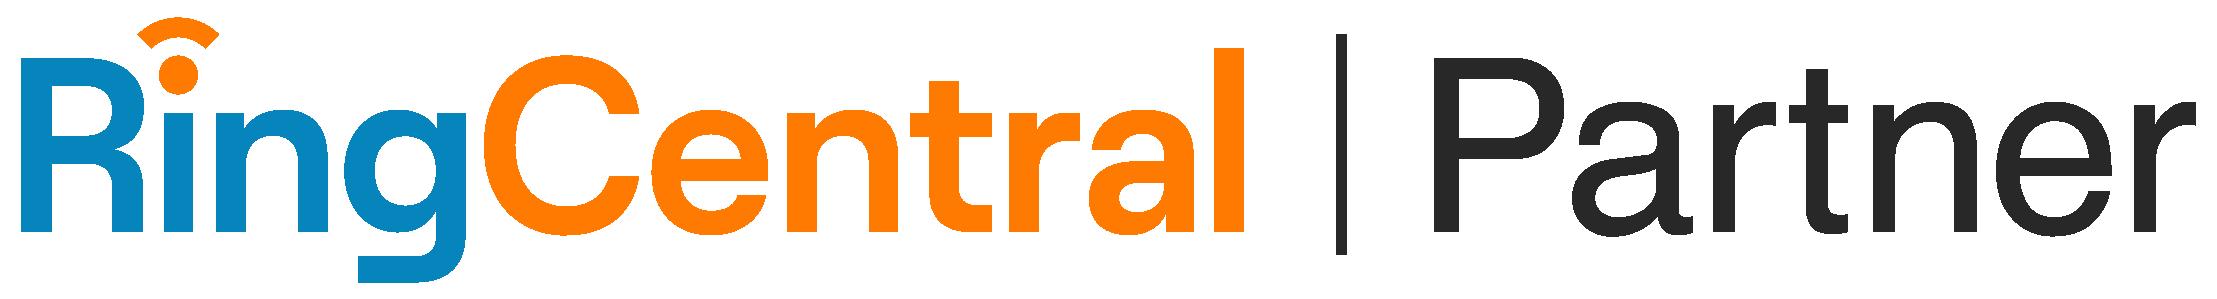 RingCentral Partner